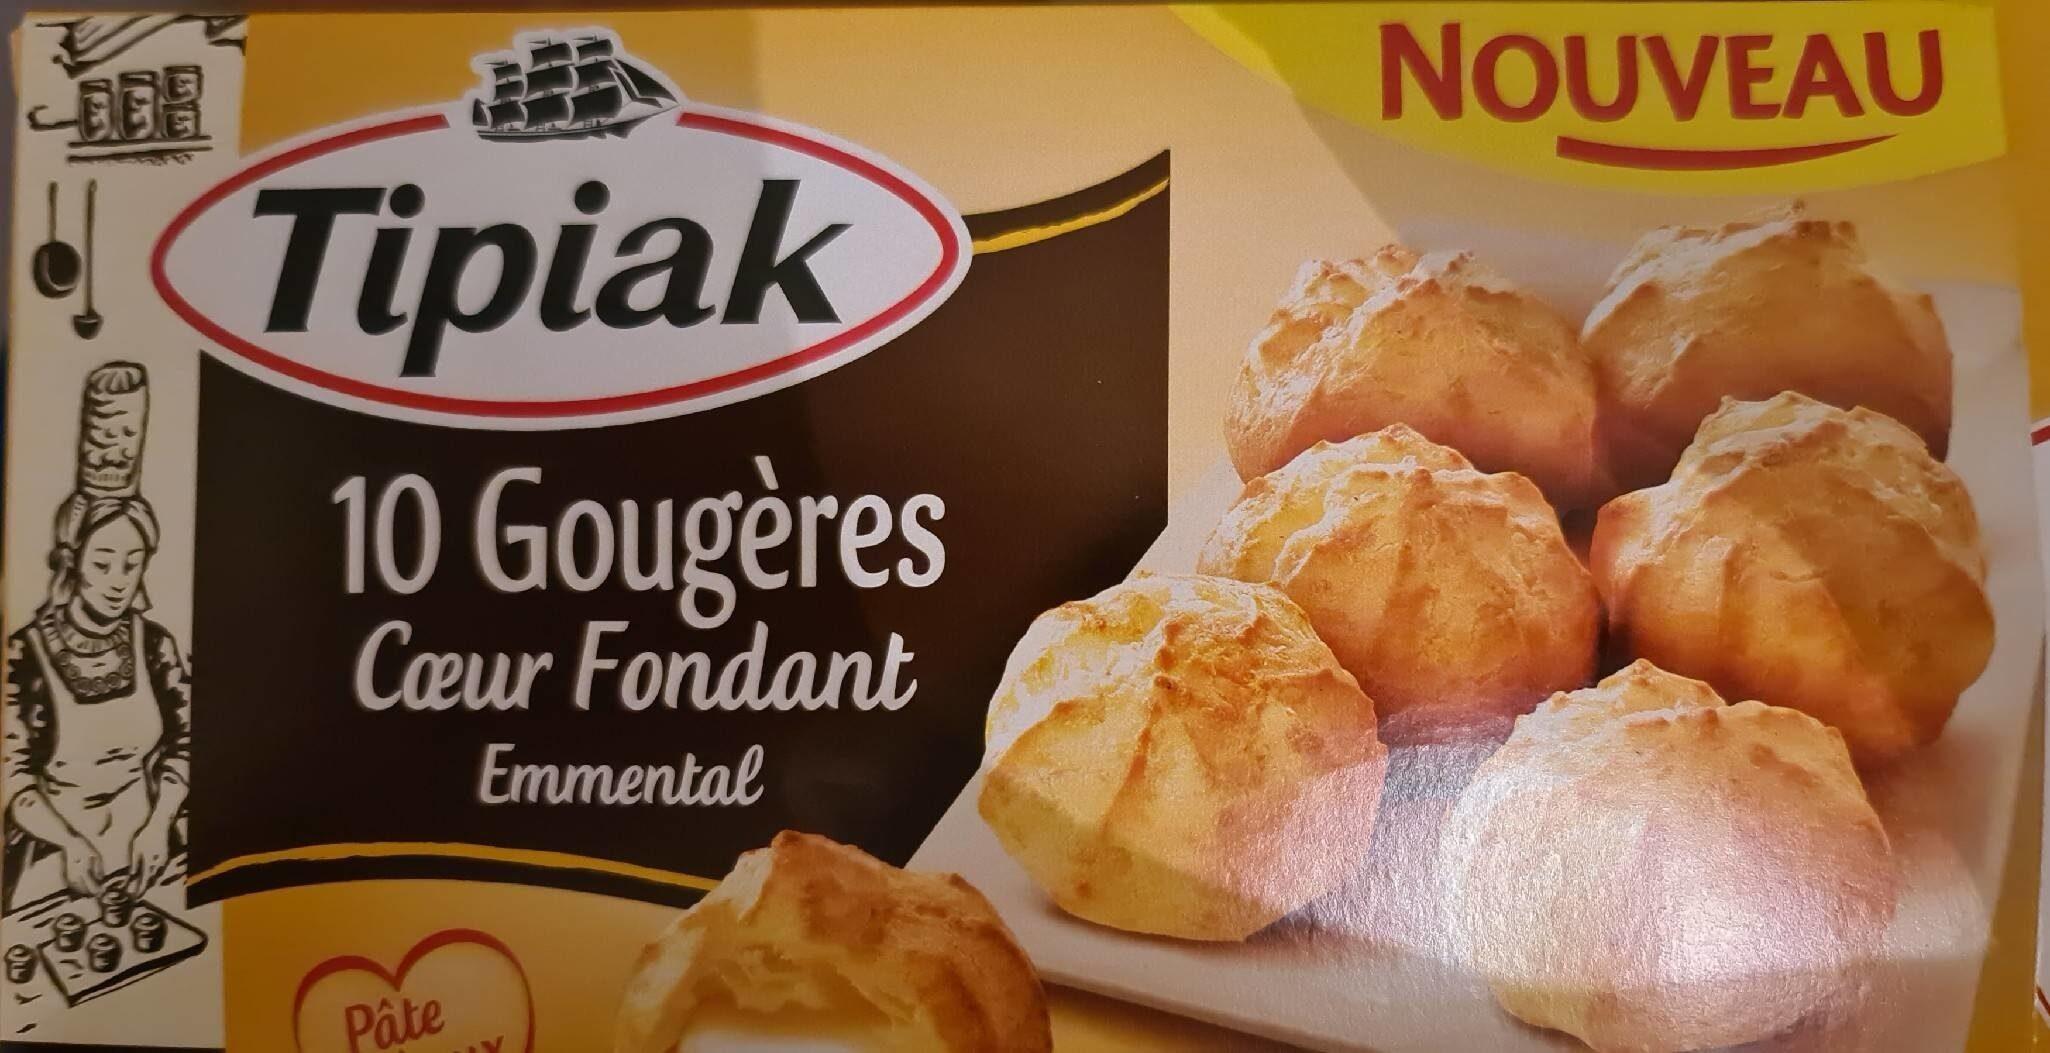 10 Gougères Coeur Fondant Emmental - Product - fr